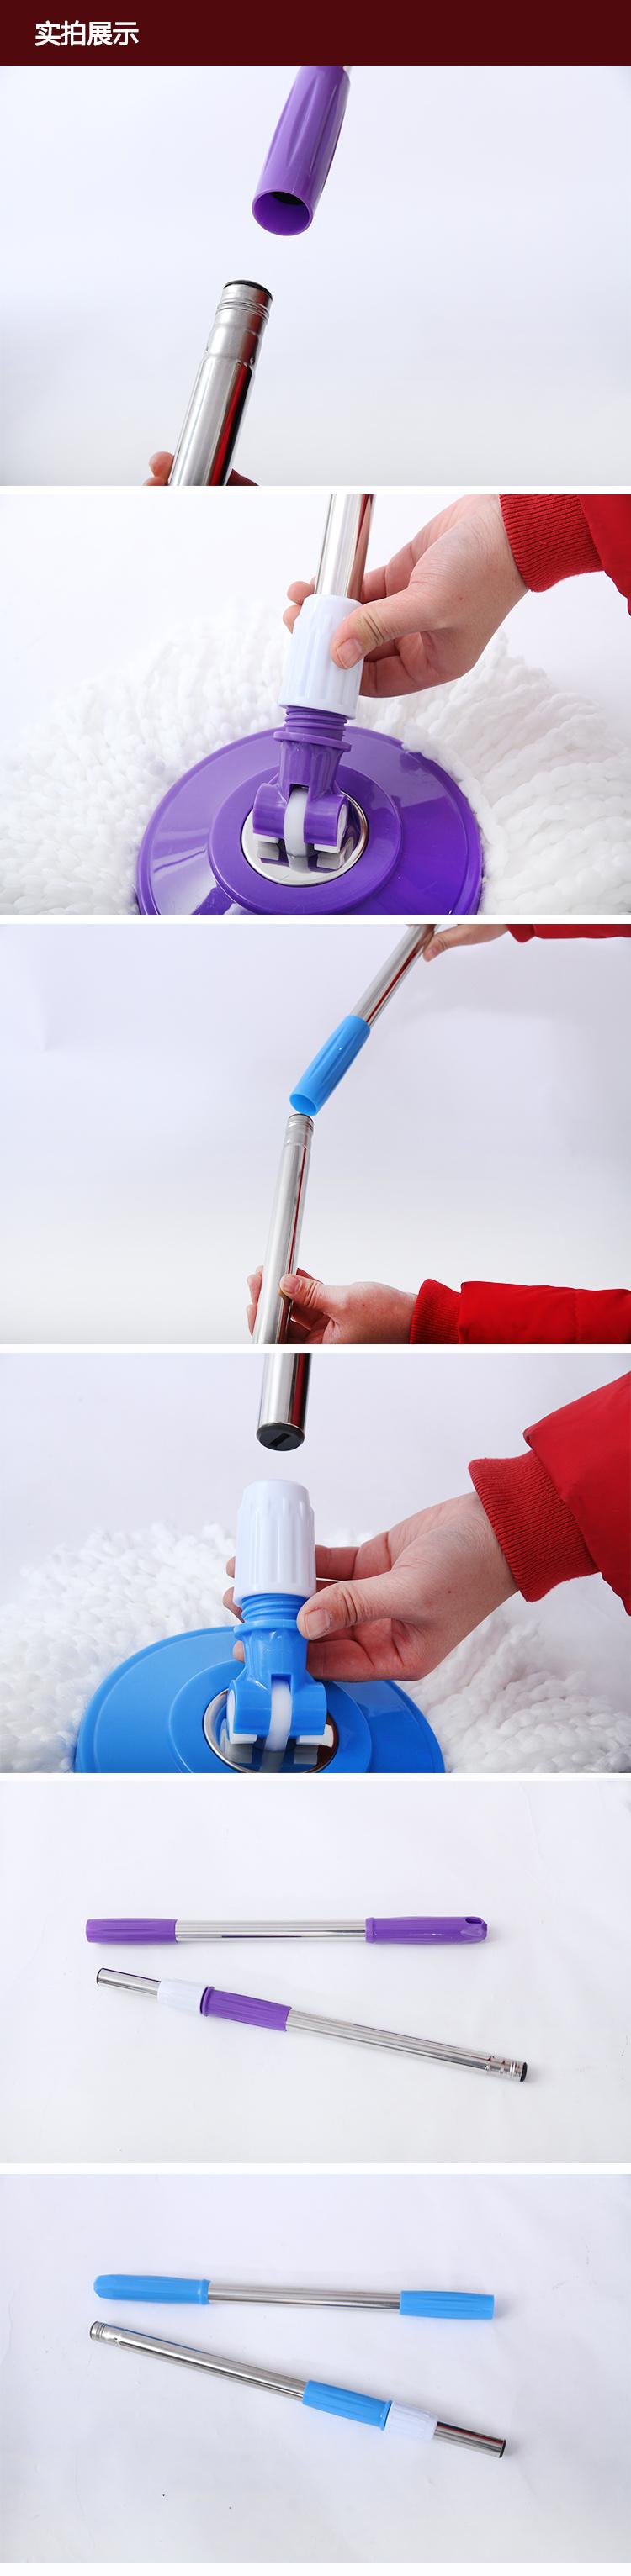 miaojie geneetiliselt muundatud puuvilla mop käsitsi ära pea pööramine roostevabast terasest osad asendatakse pukseerimiseks harja